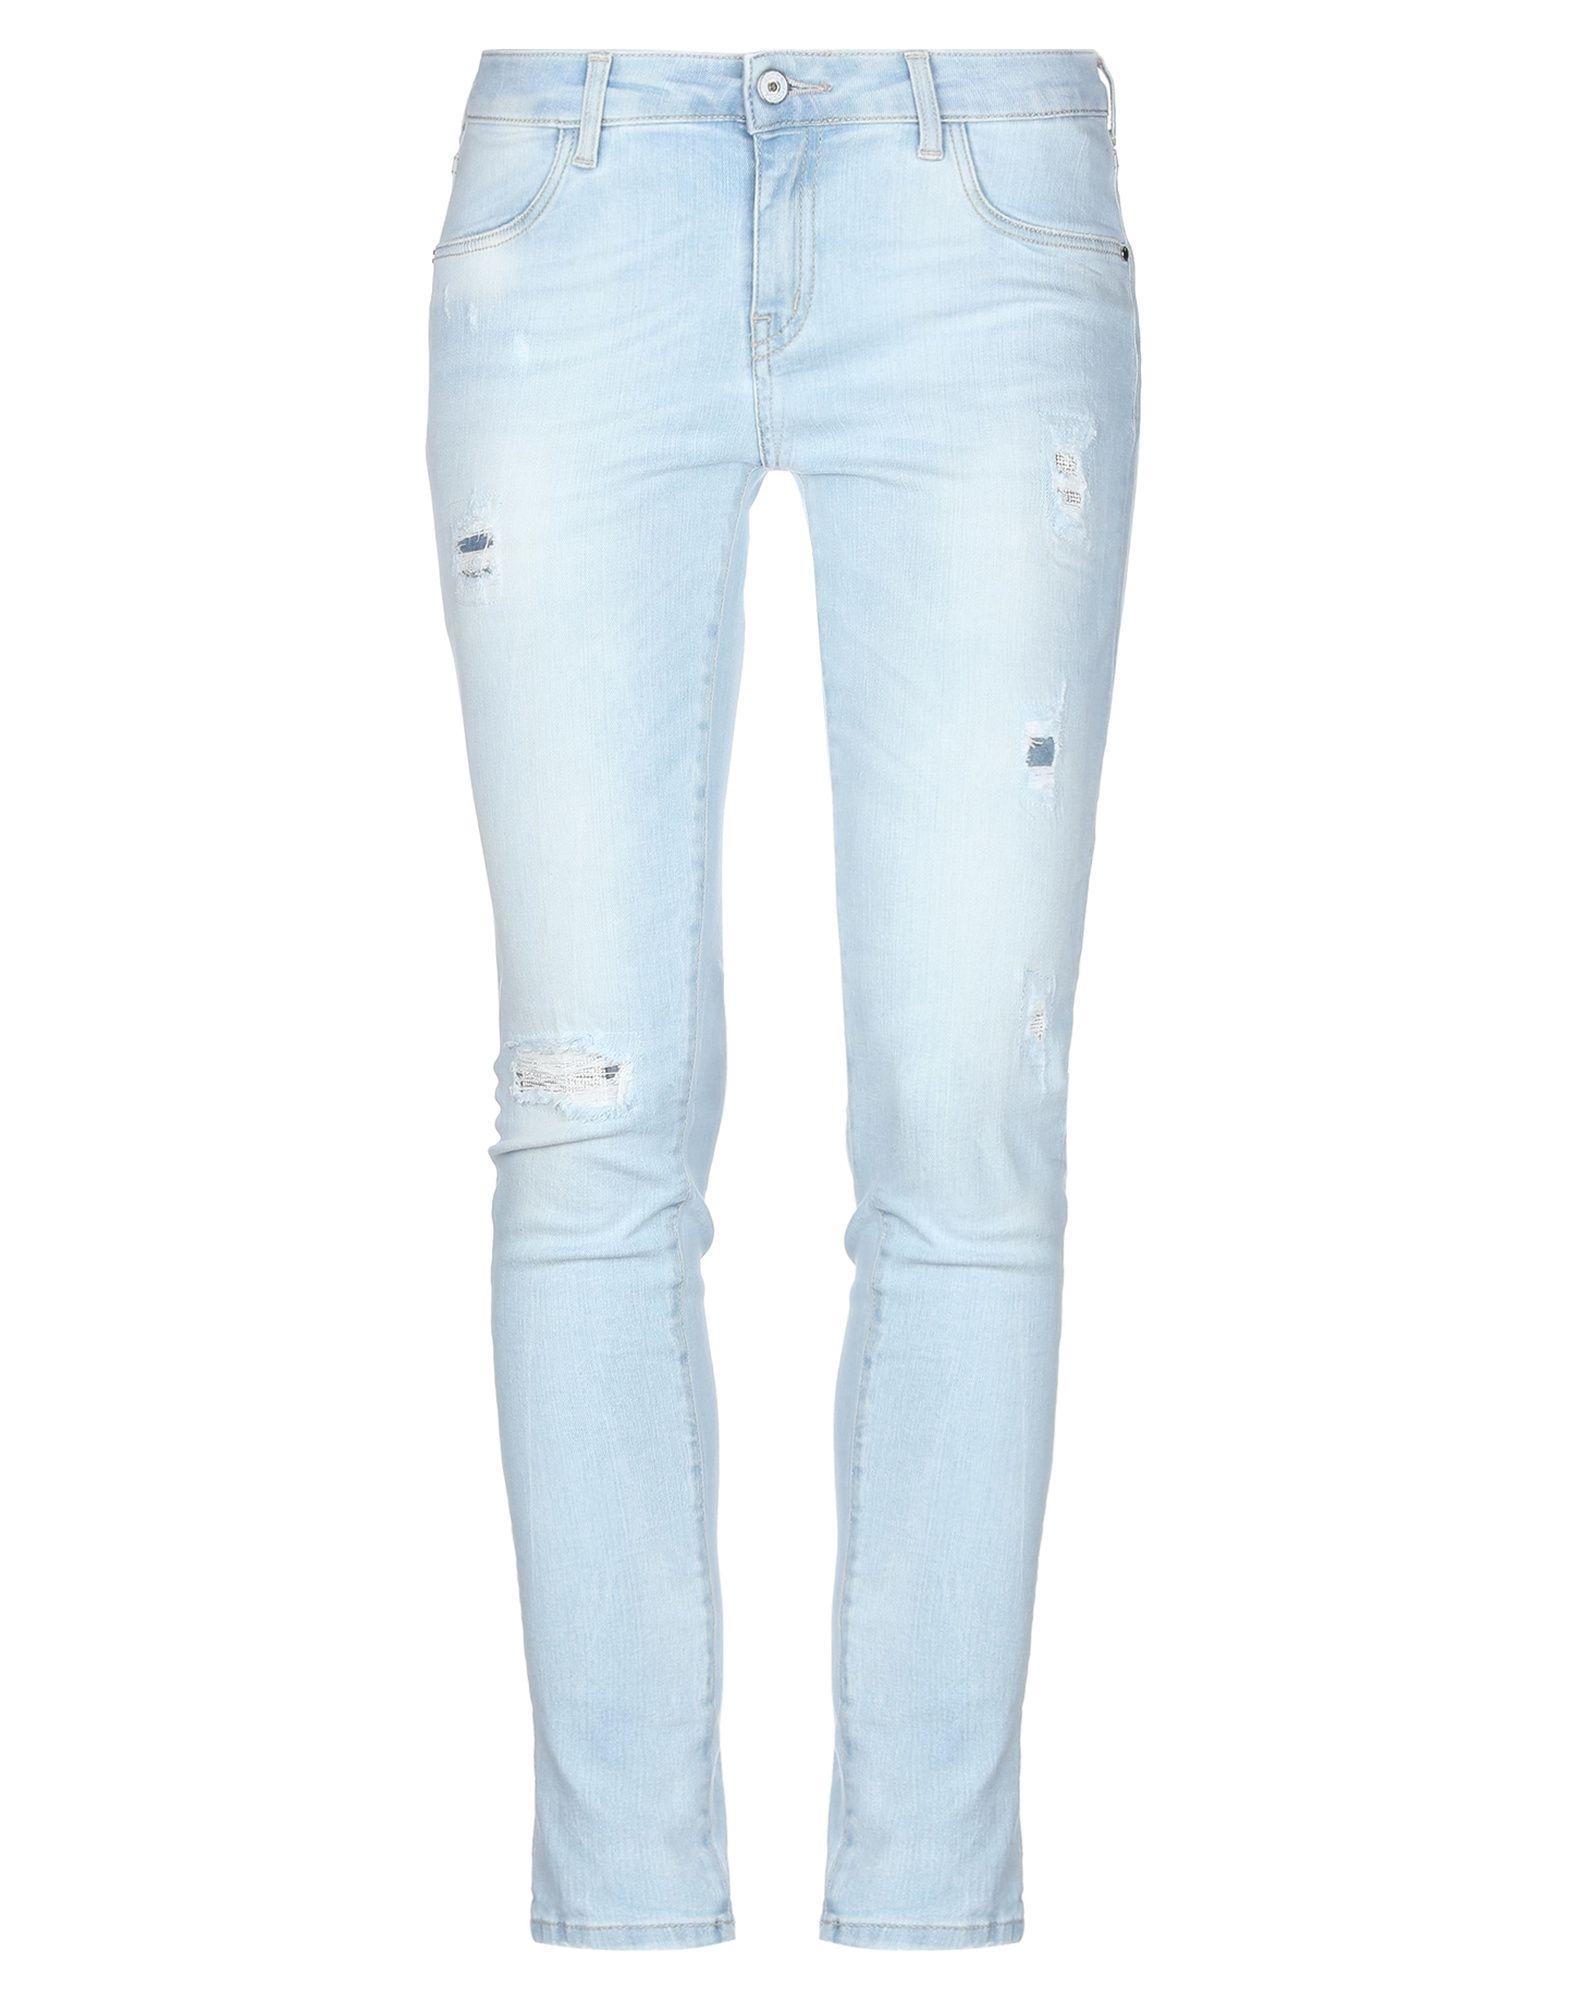 купить KOCCA Джинсовые брюки по цене 2400 рублей